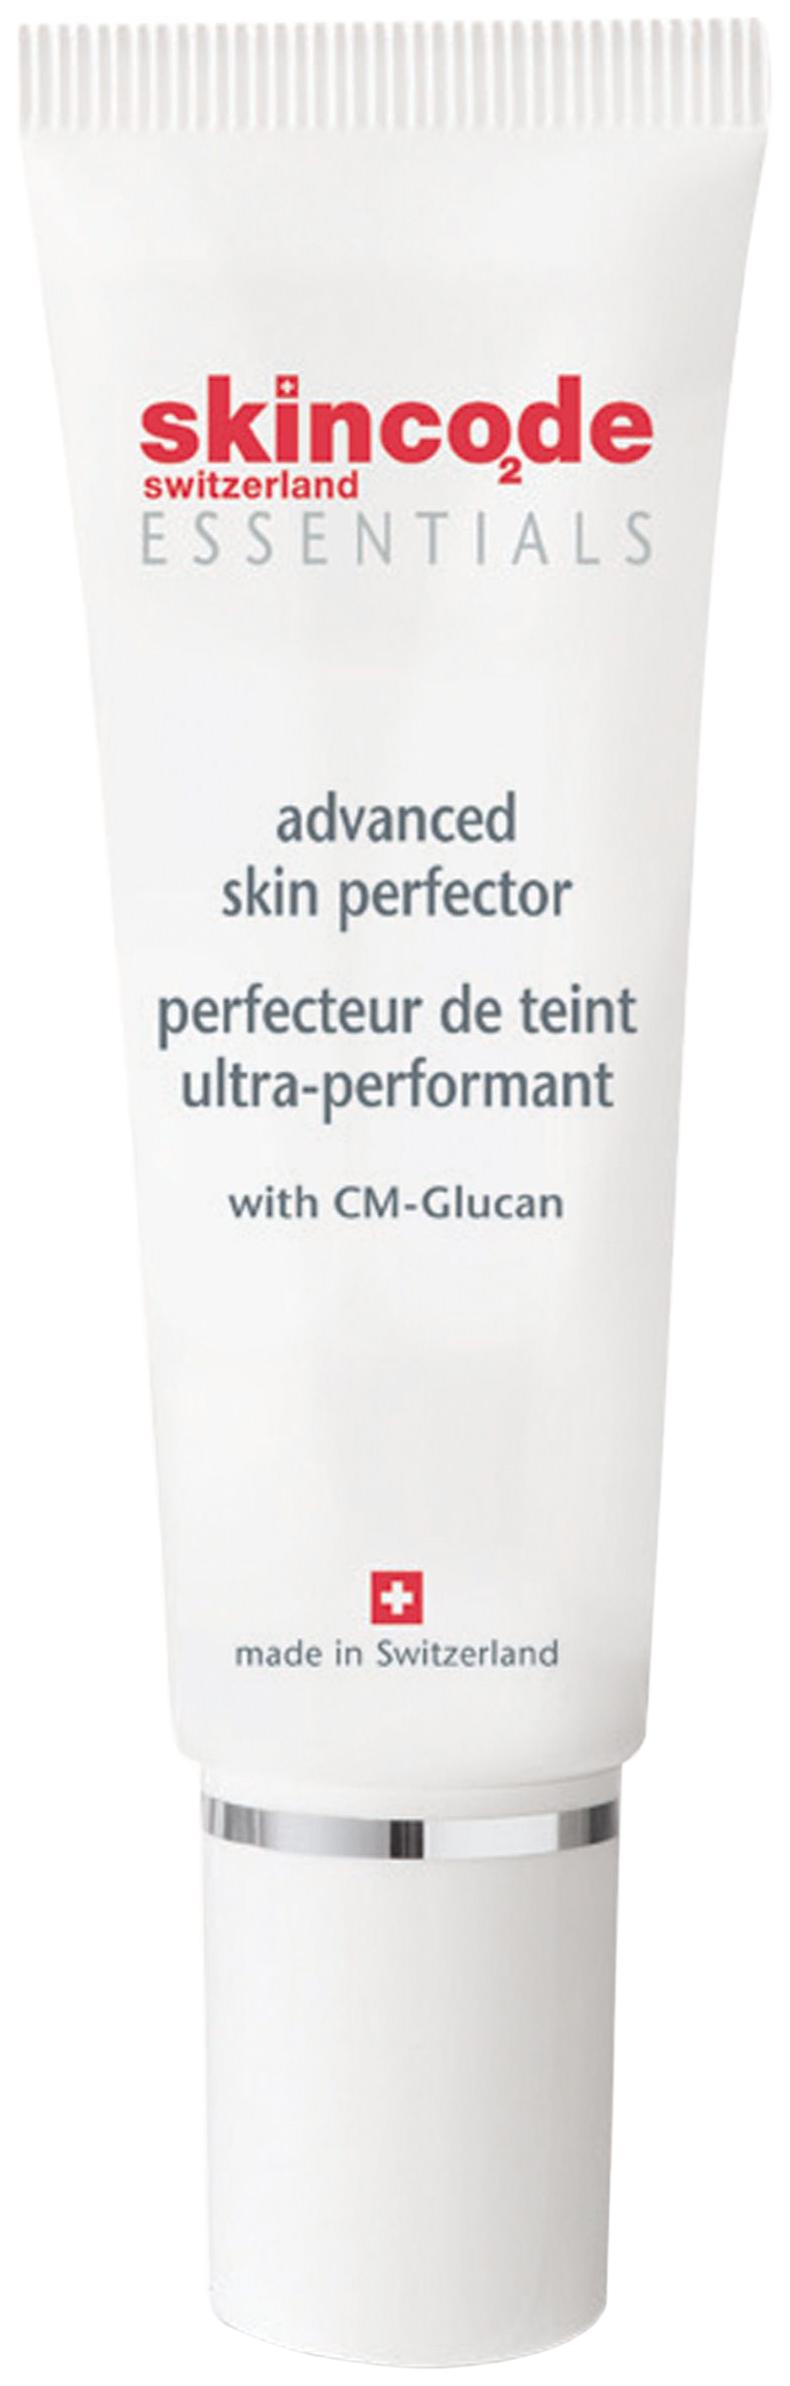 Основа для макияжа Skincode Essentials Advanced Skin Perfector 30 мл фото